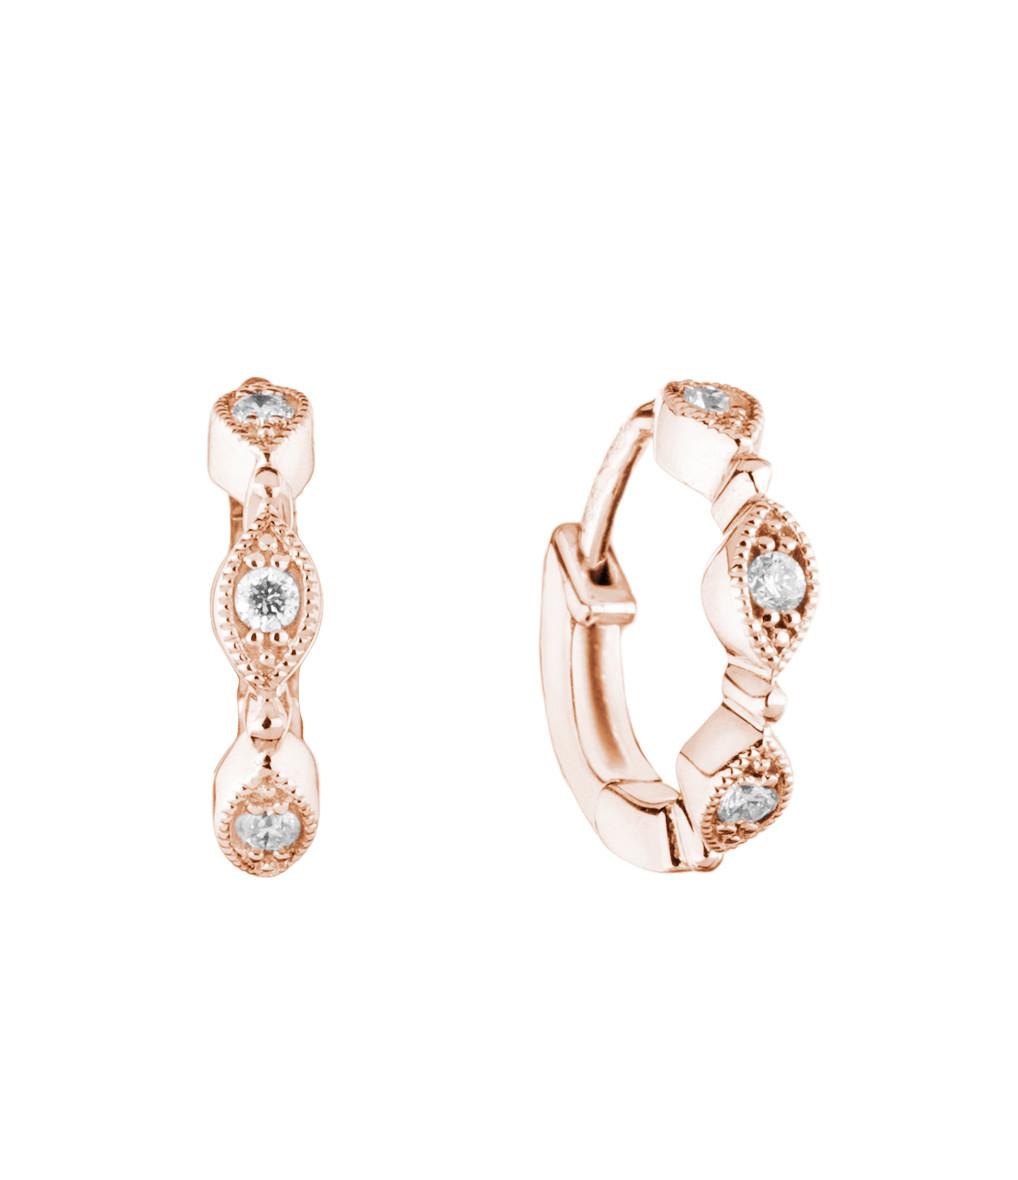 STONE PARIS - Mini Créole Yasmine Or Diamants (vendue à l'unité)